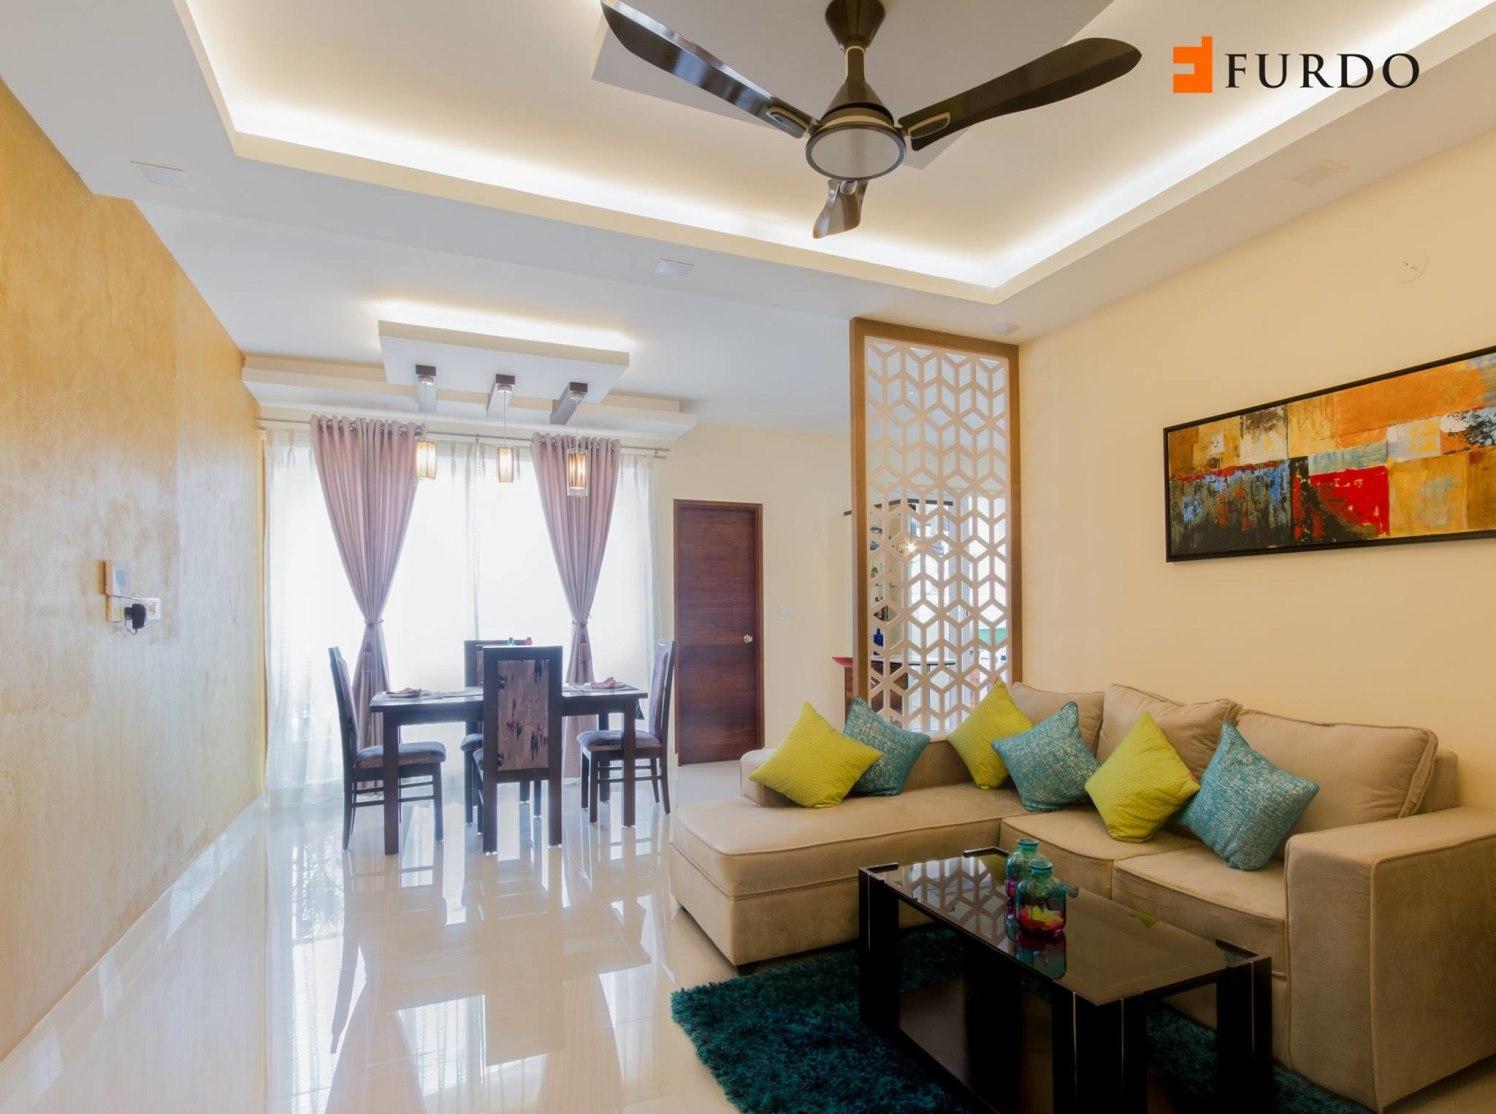 Cream sofa with colored cushions by Furdo.com Living-room Contemporary | Interior Design Photos & Ideas